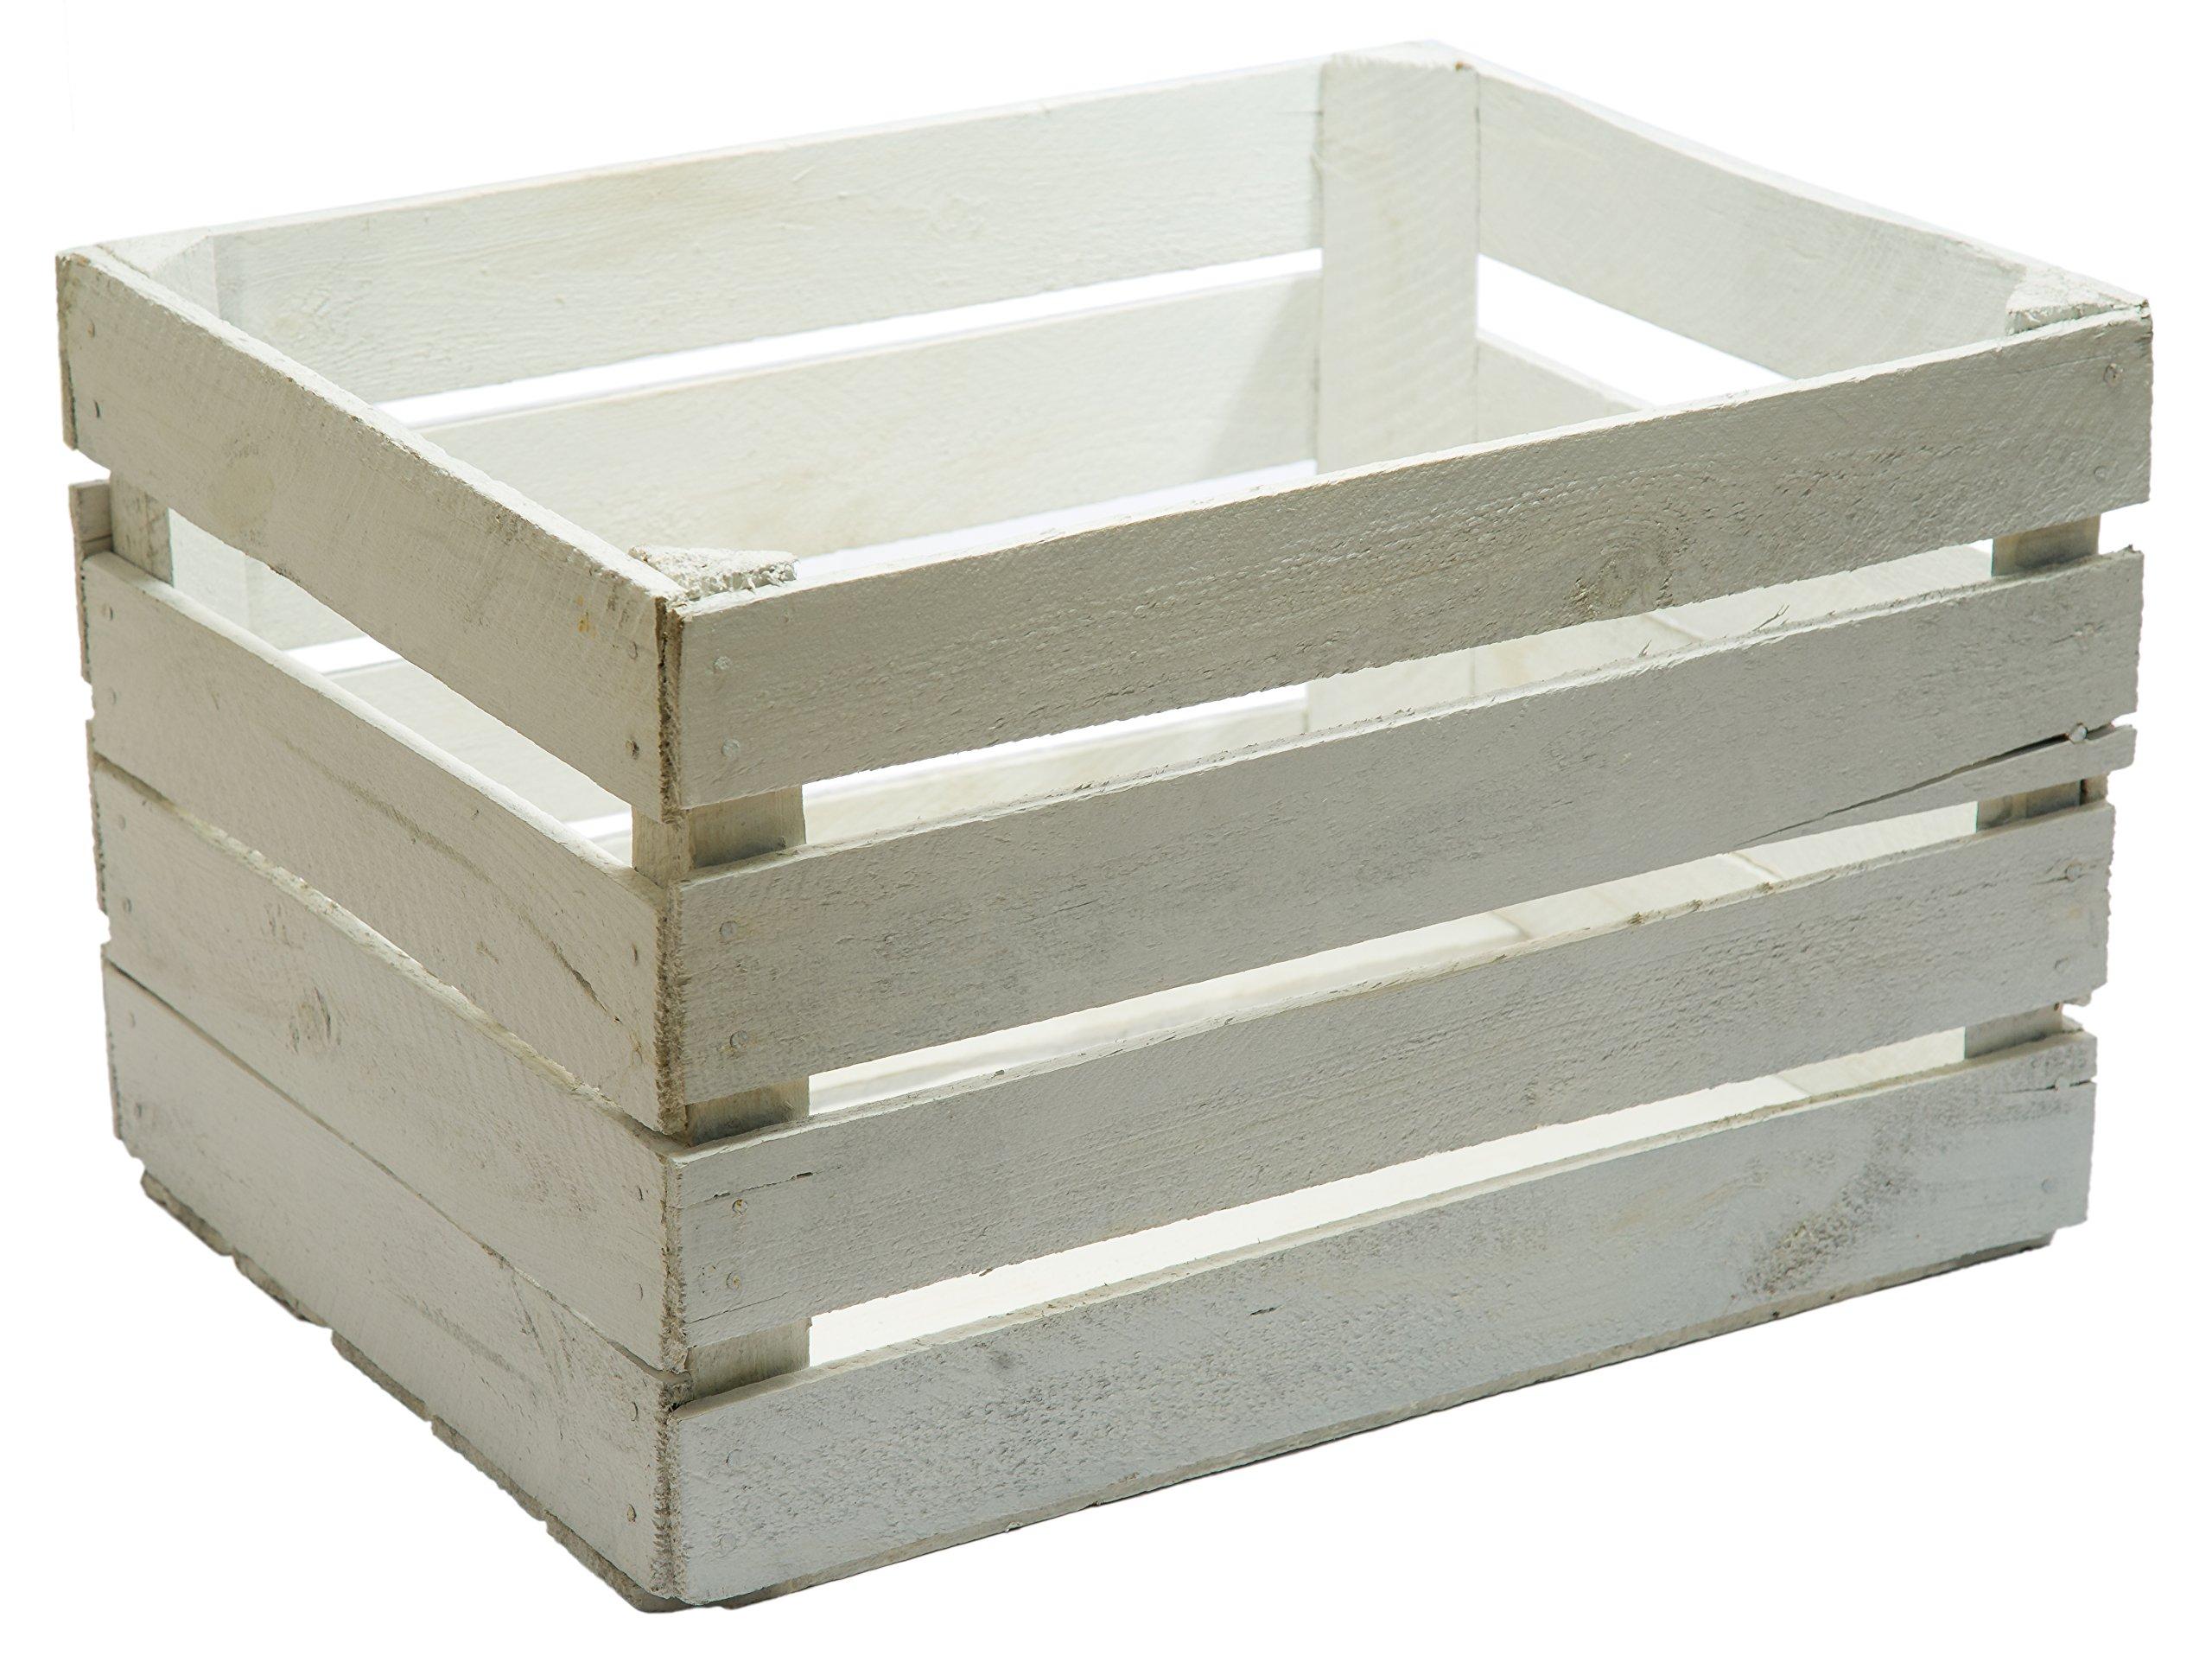 Caja madera blanca decapada vintage, ideal para decoración,escaparates. Medida 50x30x25 1,5 grosor: Amazon.es: Hogar